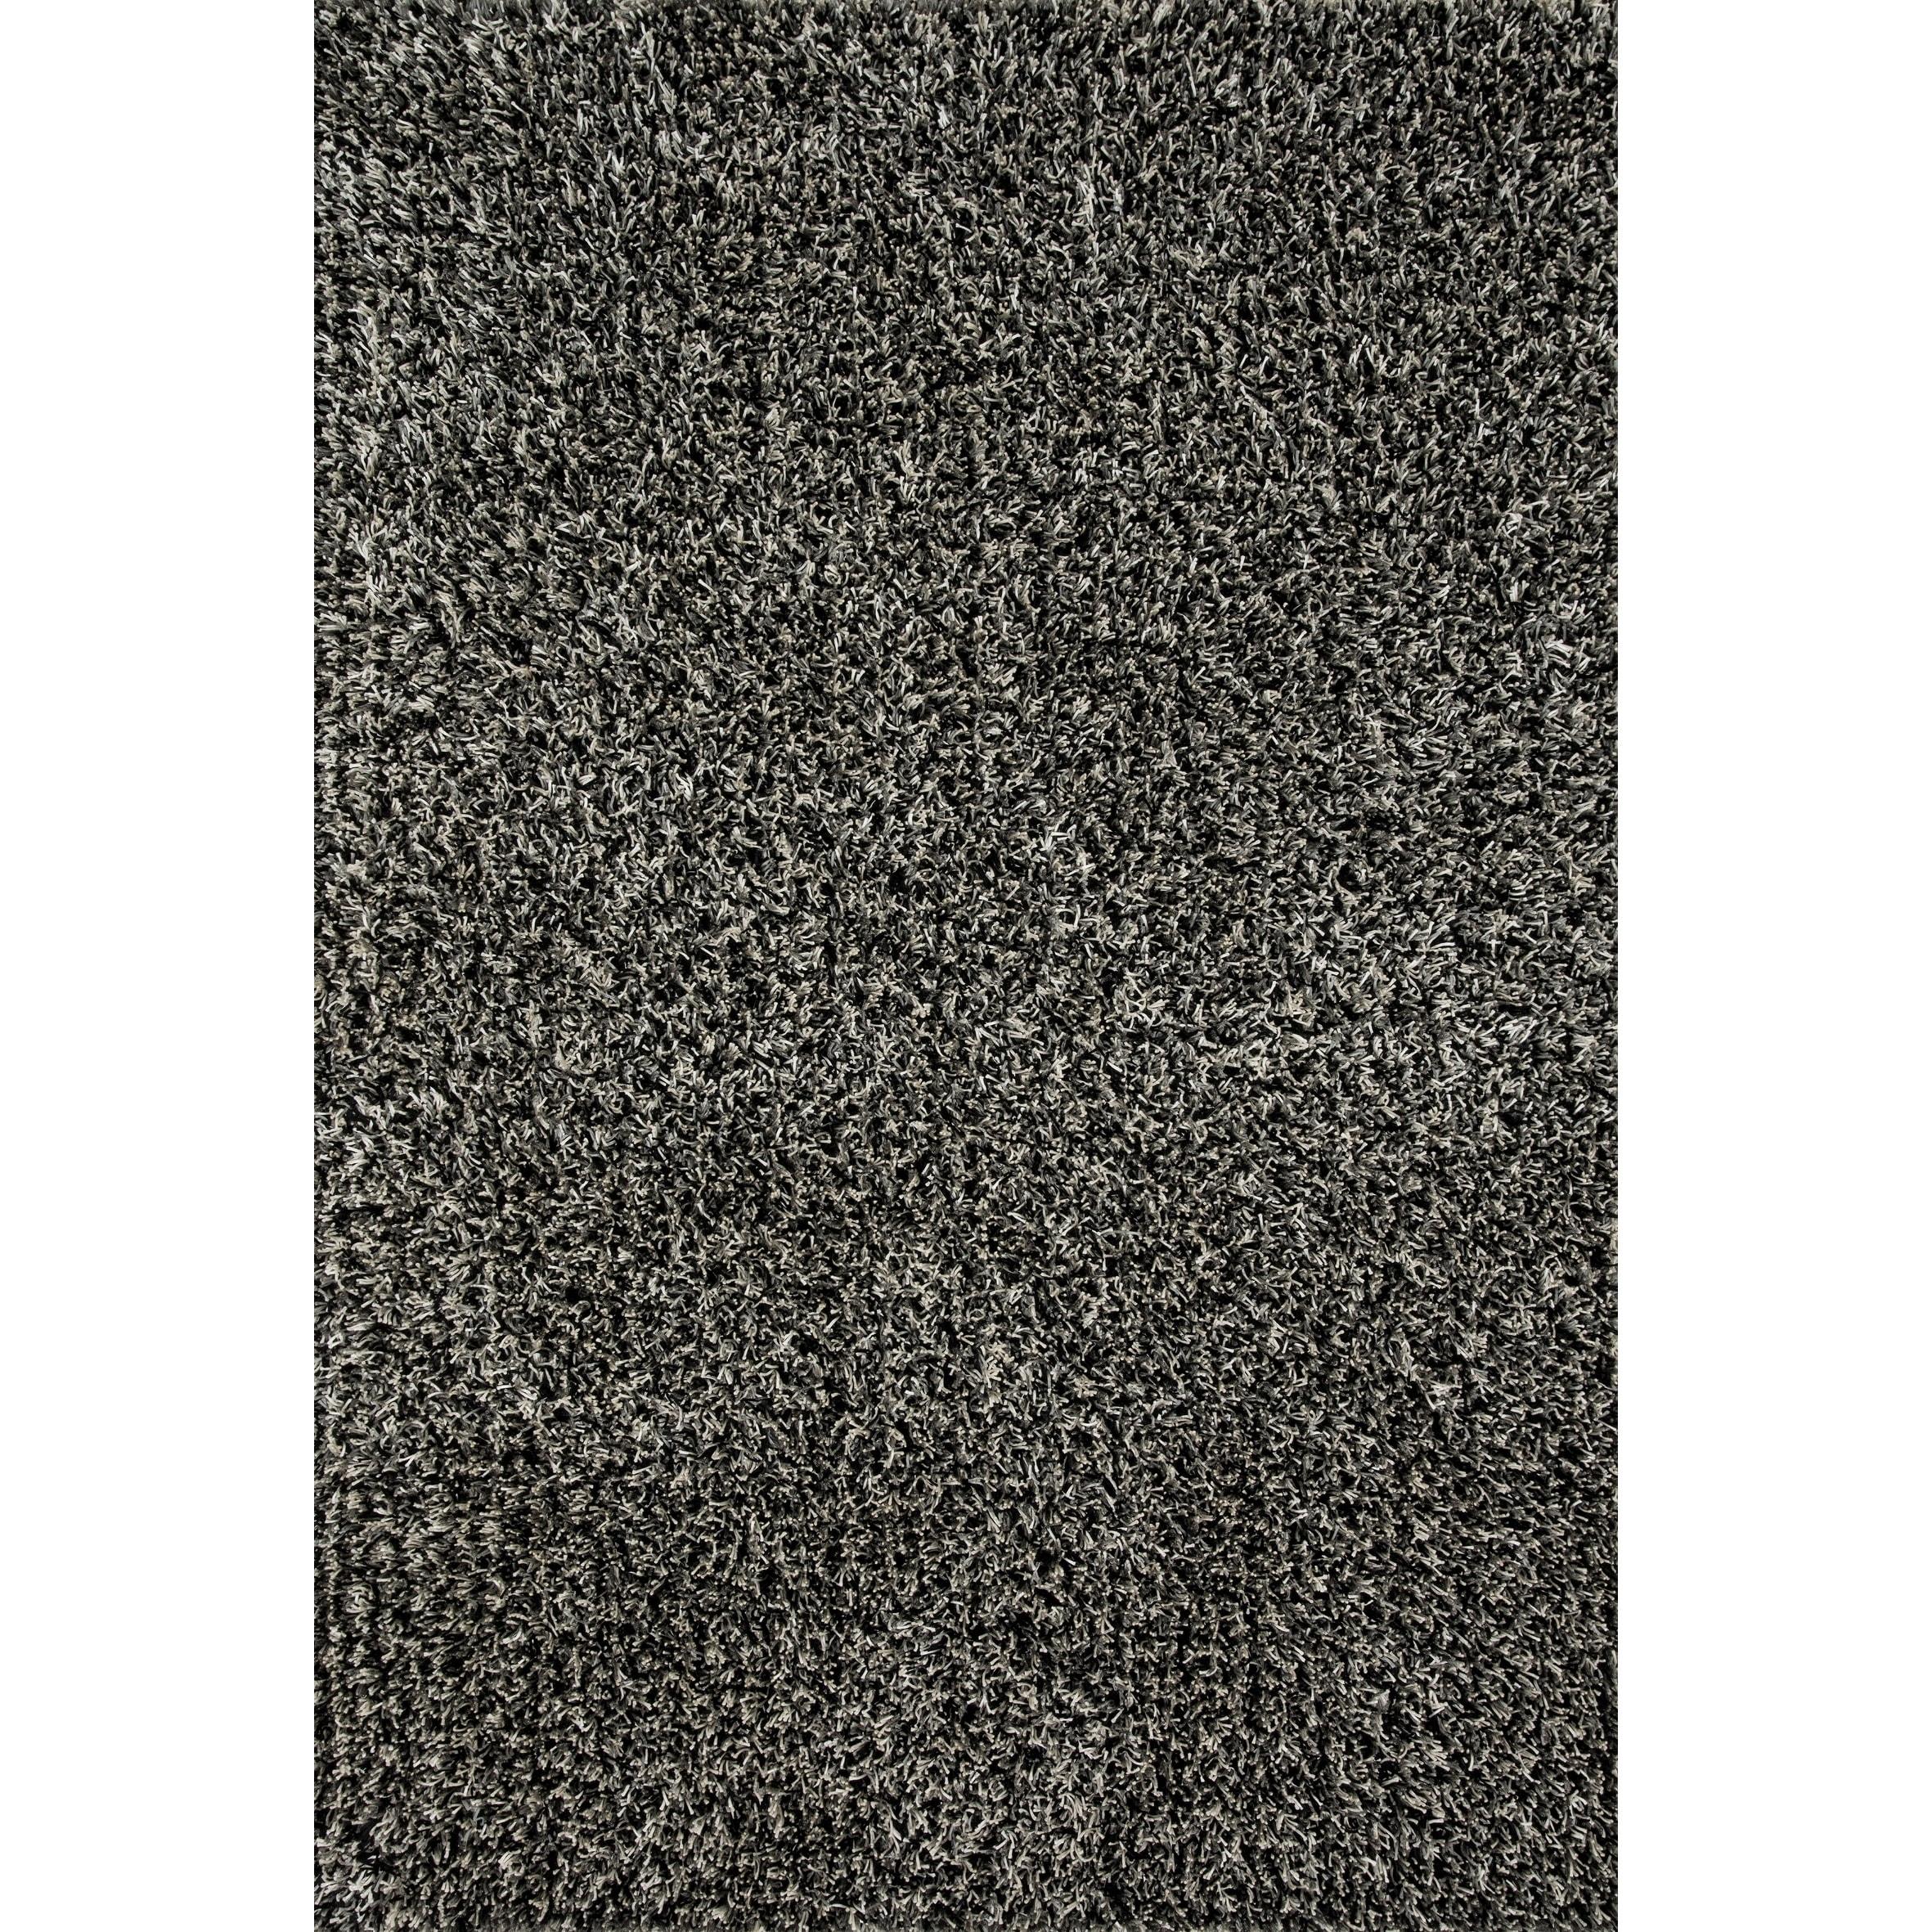 Mid-century Modern Grey/ Black Shag Rug - 36 x 56 (Grey/Black - 36 x 56)